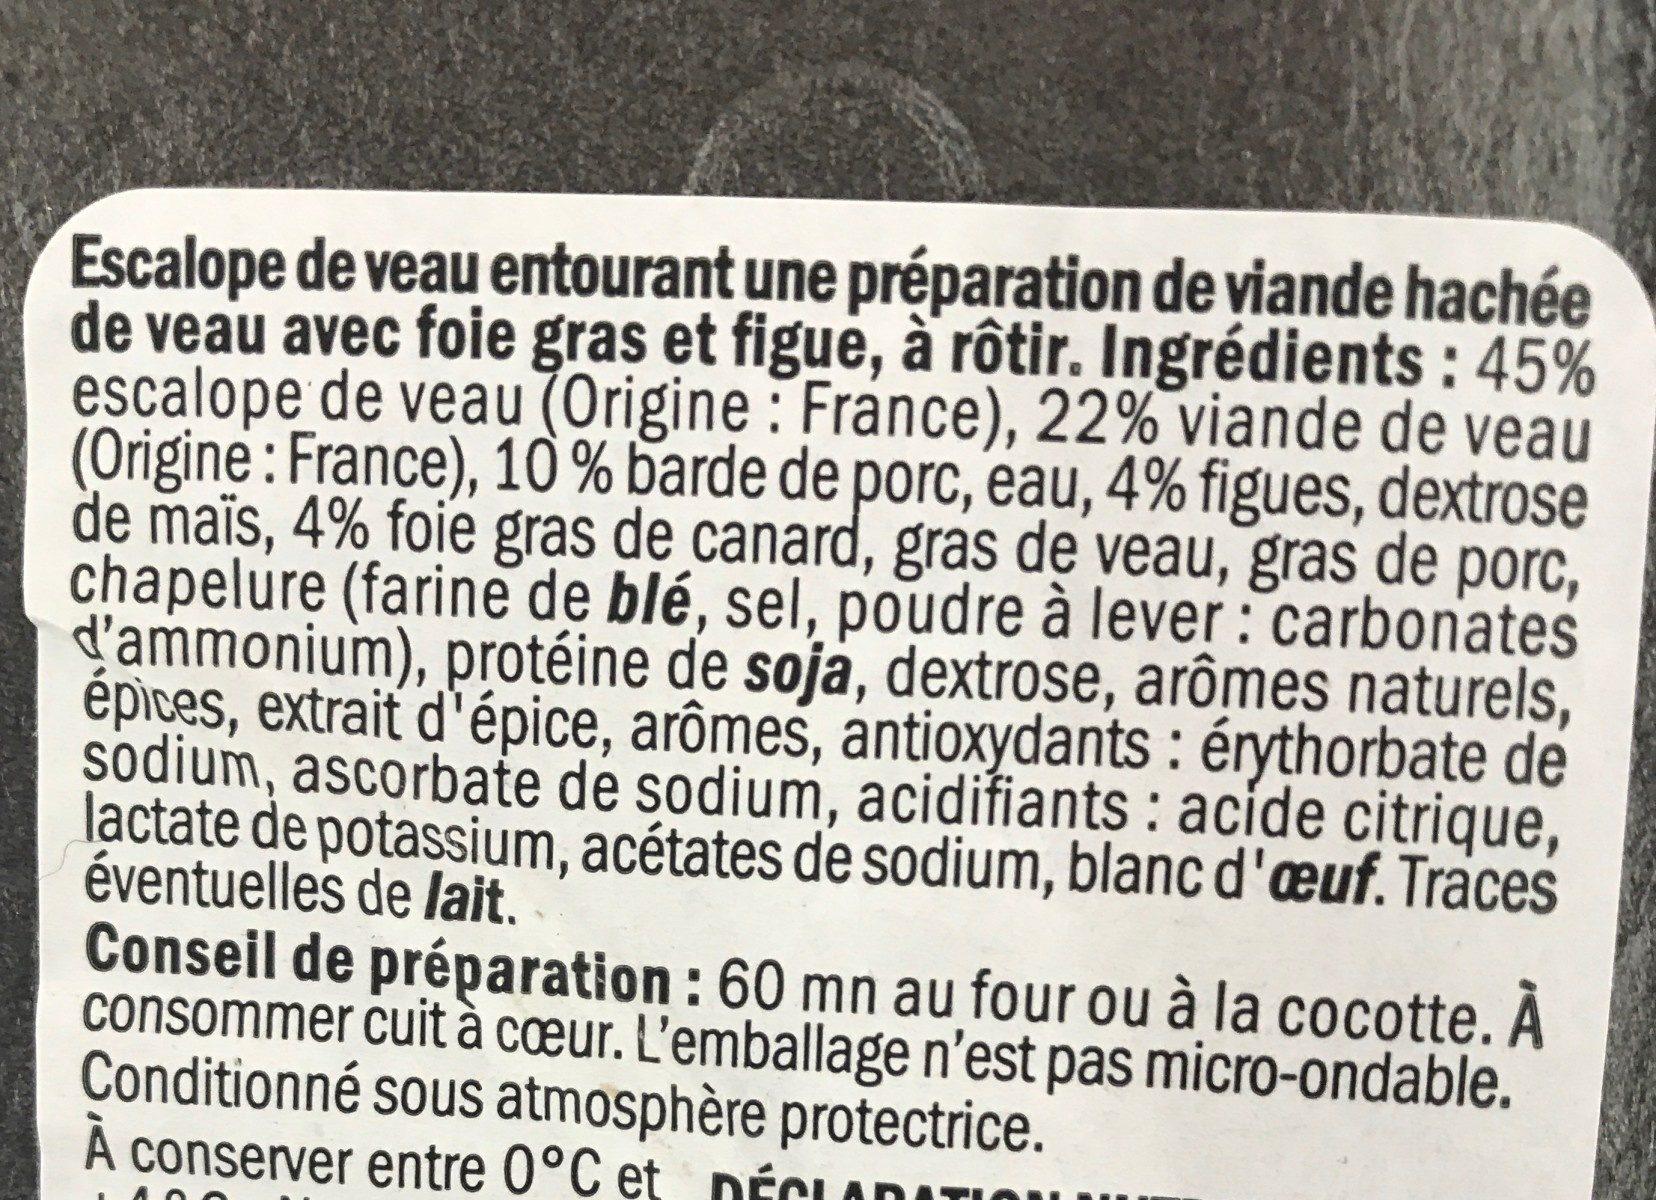 Roti de veau farci aux figues et foie gras - Ingrediënten